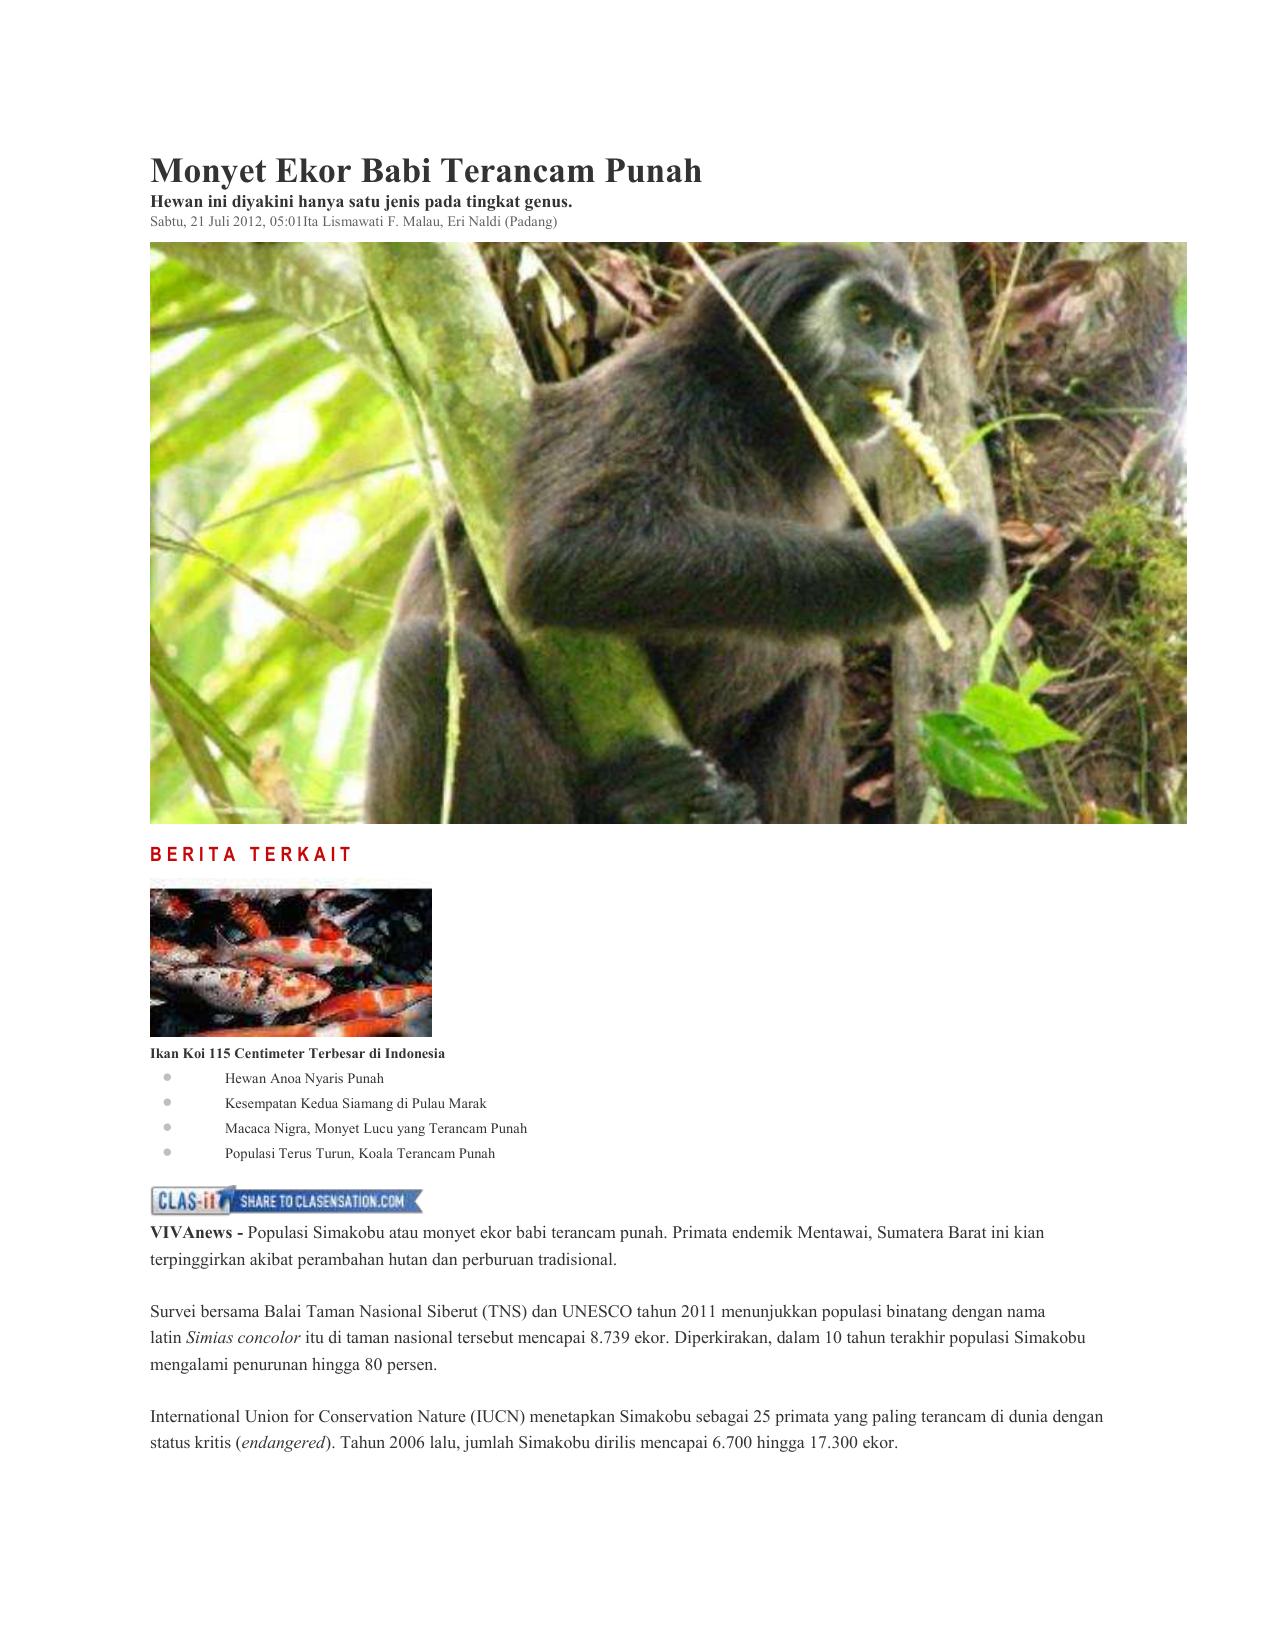 8700 Koleksi Contoh Gambar Hewan Anoa Gratis